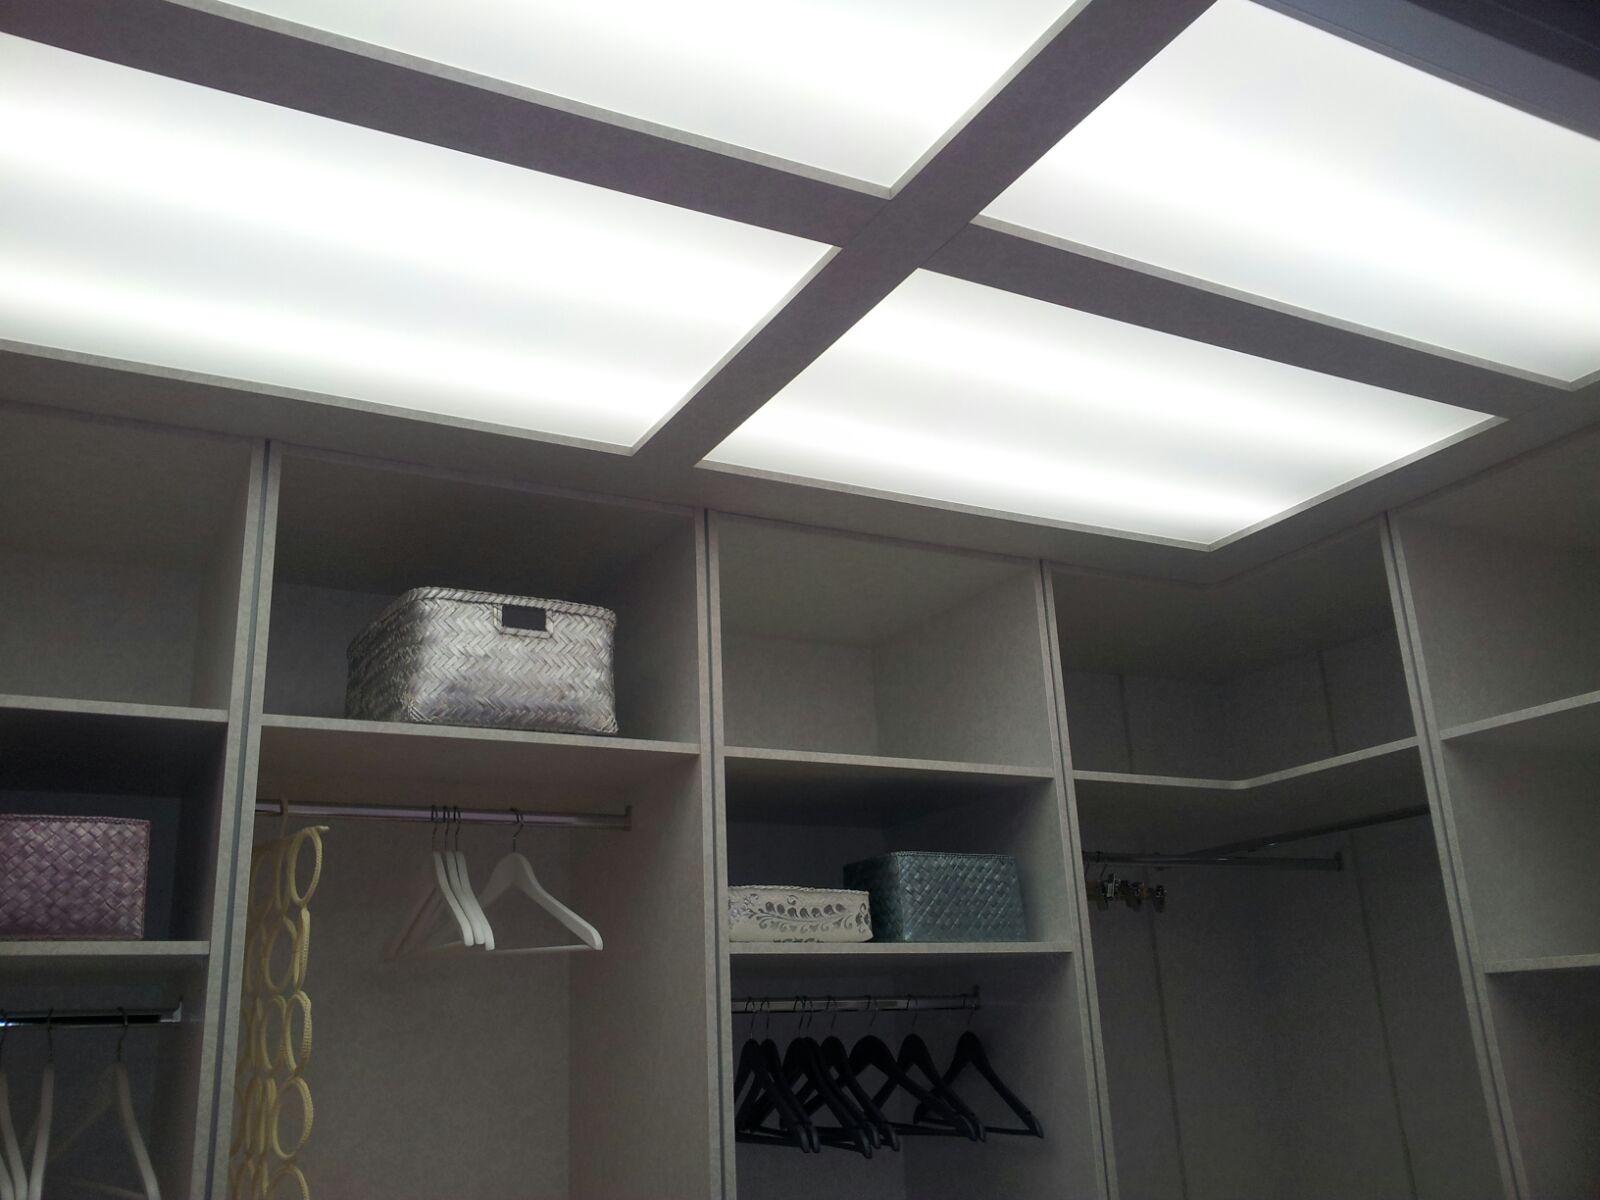 Techo sobre vestidor abierto con luz.